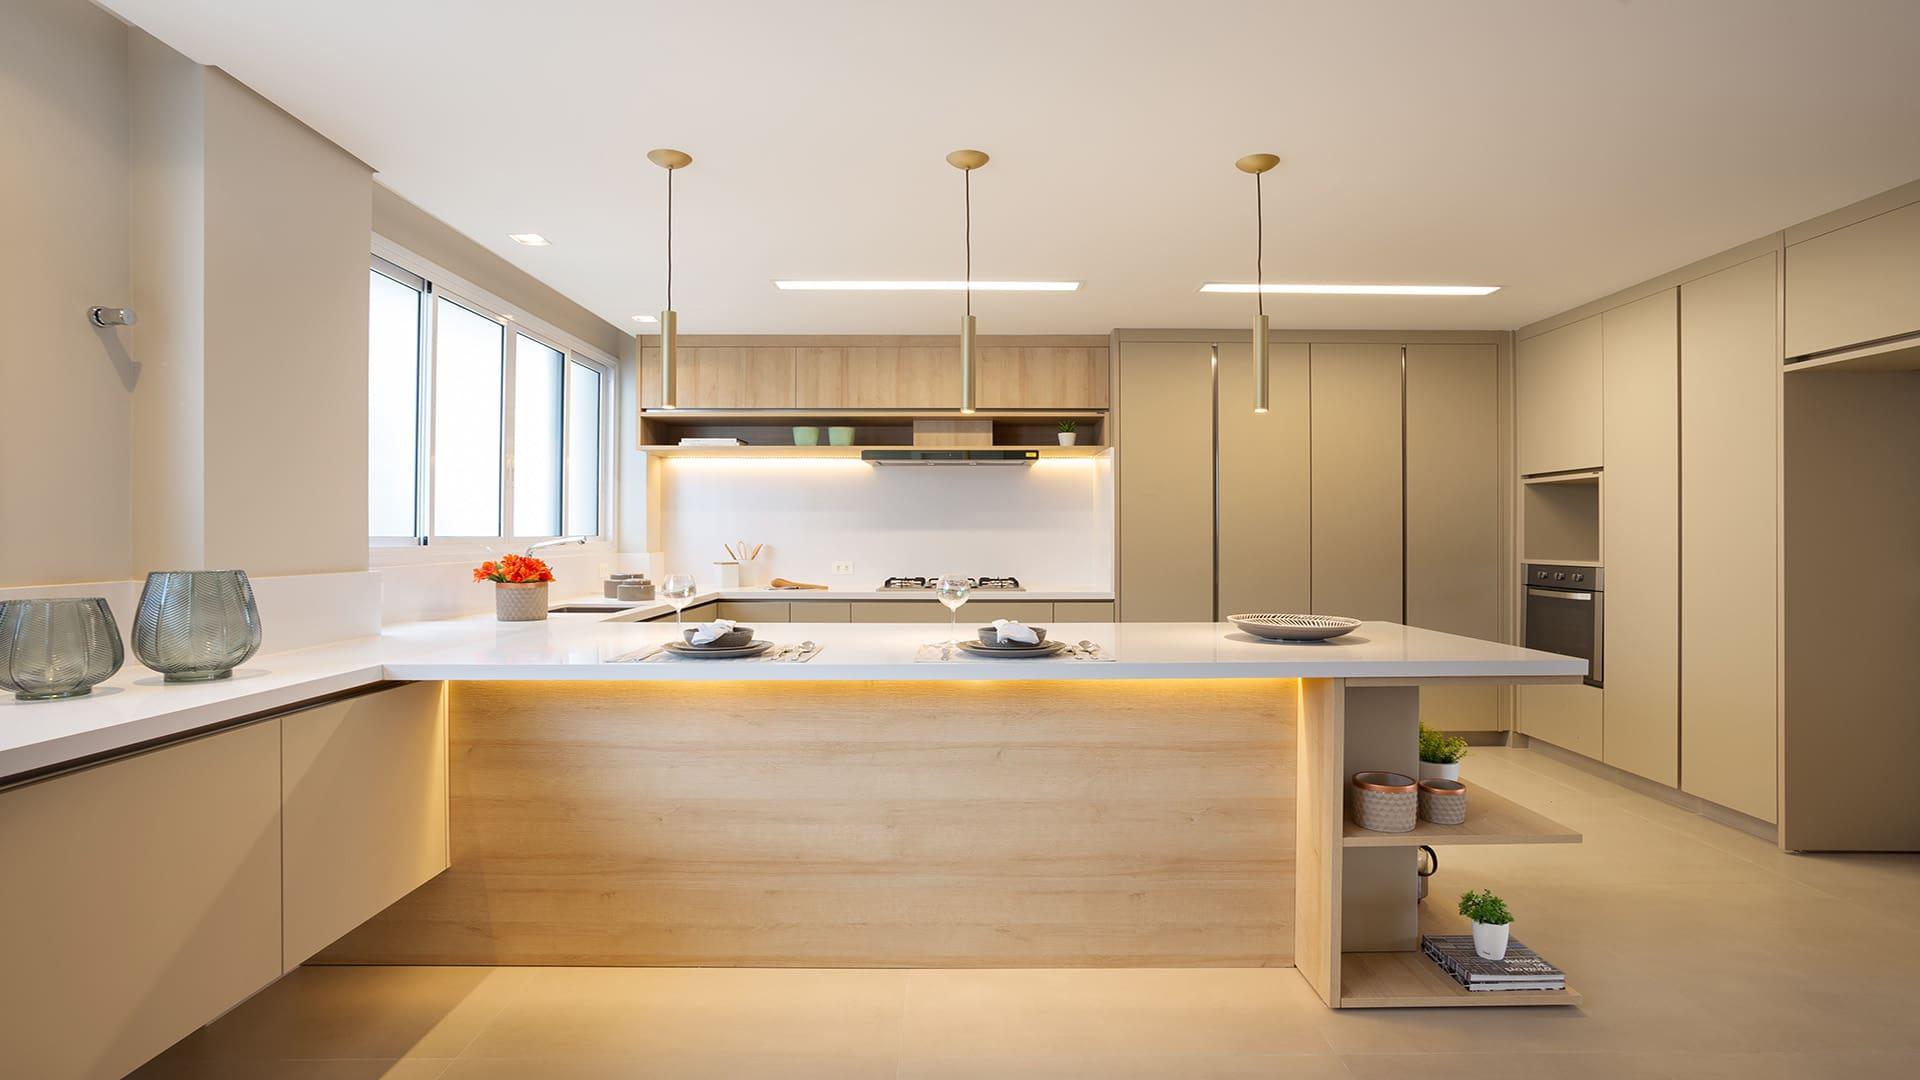 Dica: bancada no centro da cozinha delimita espaços e traz charme ao ambiente